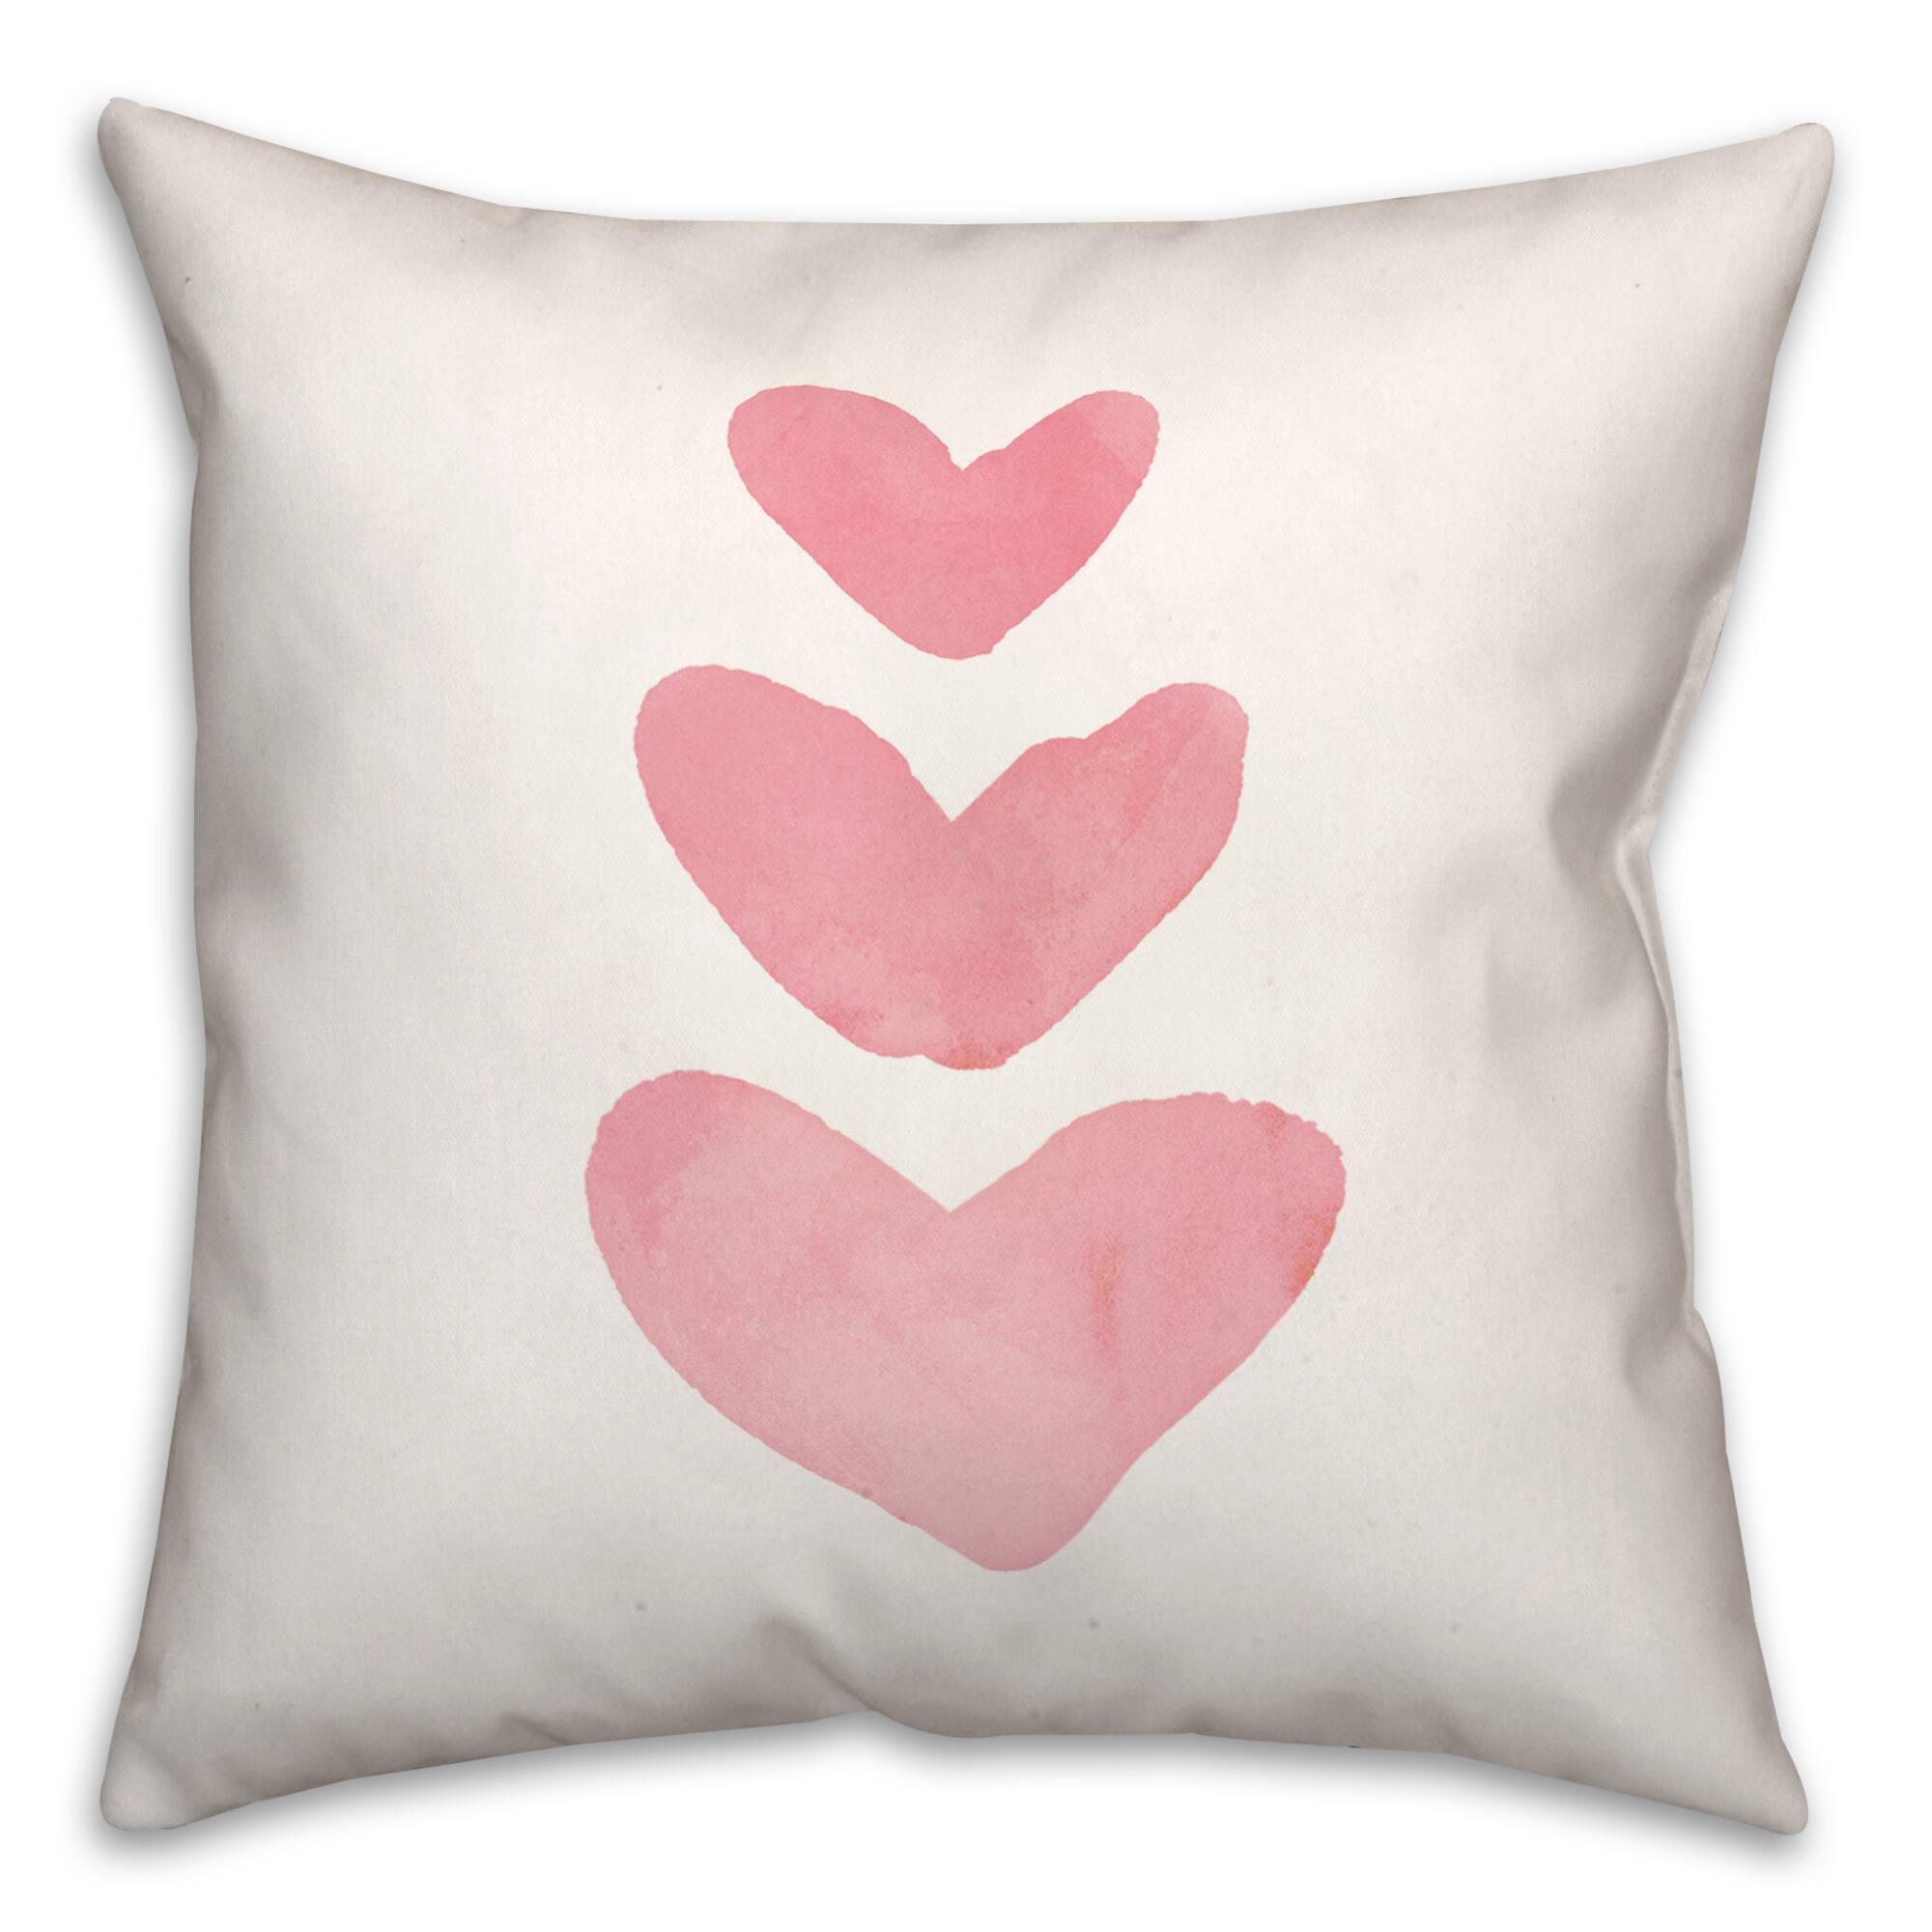 watercolor heart patternthrow pillow